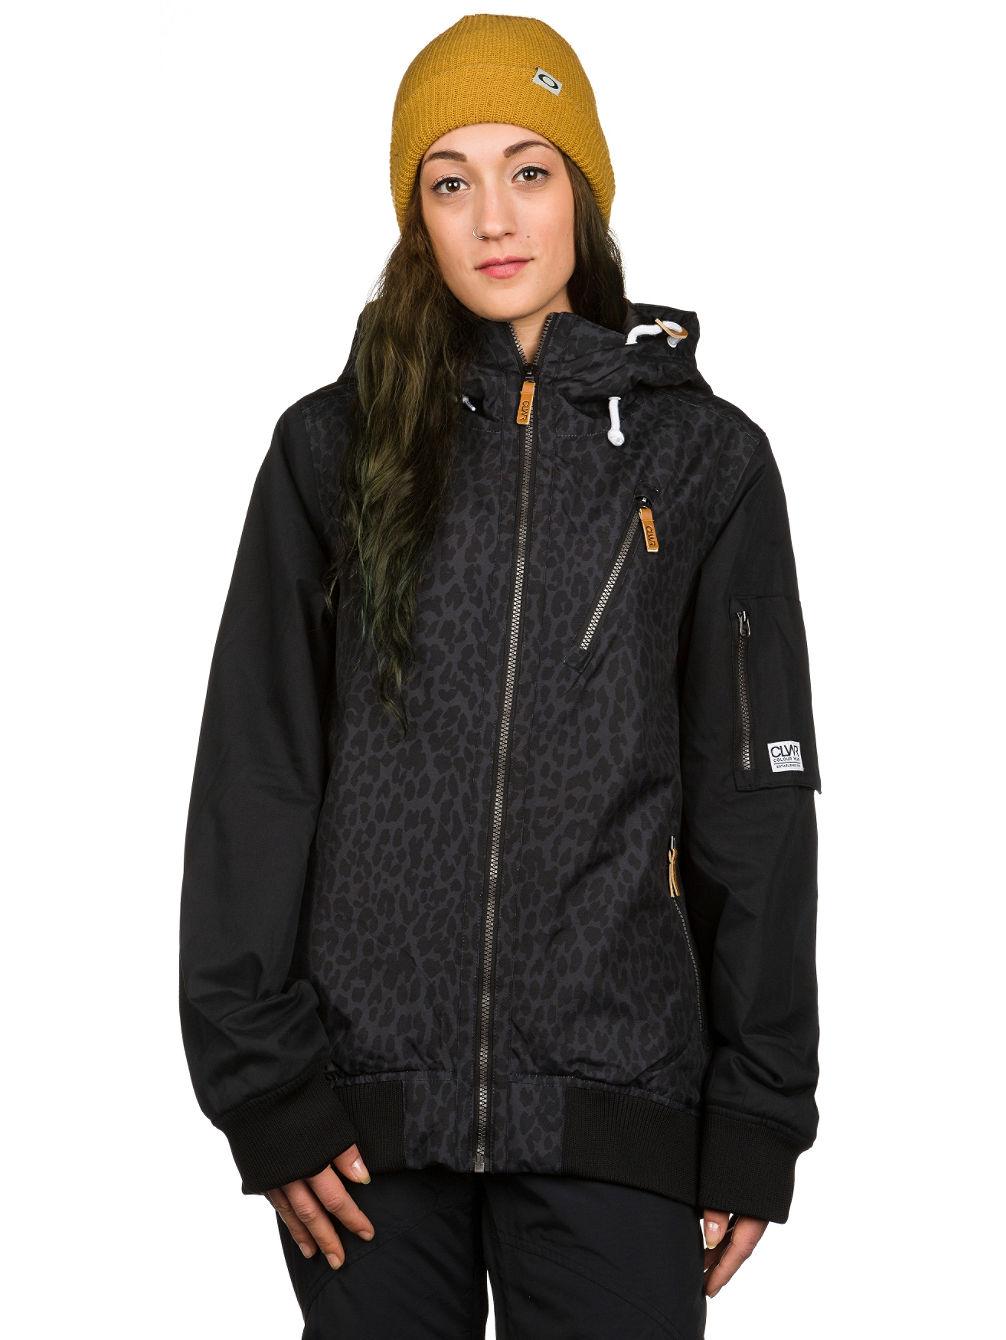 clwr-boom-jacket